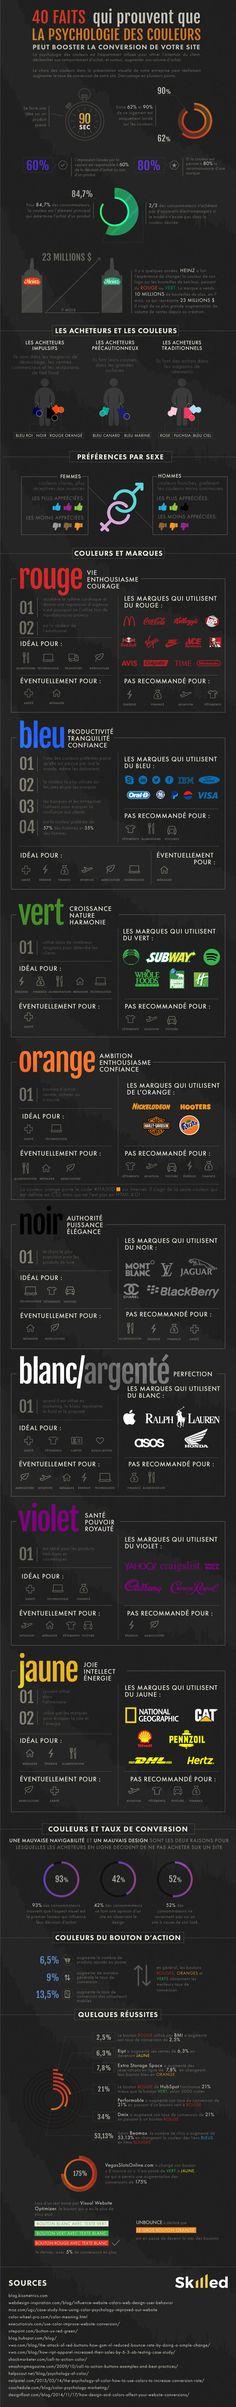 #UX : L'impact des couleurs sur les taux de conversion | Comarketing-News